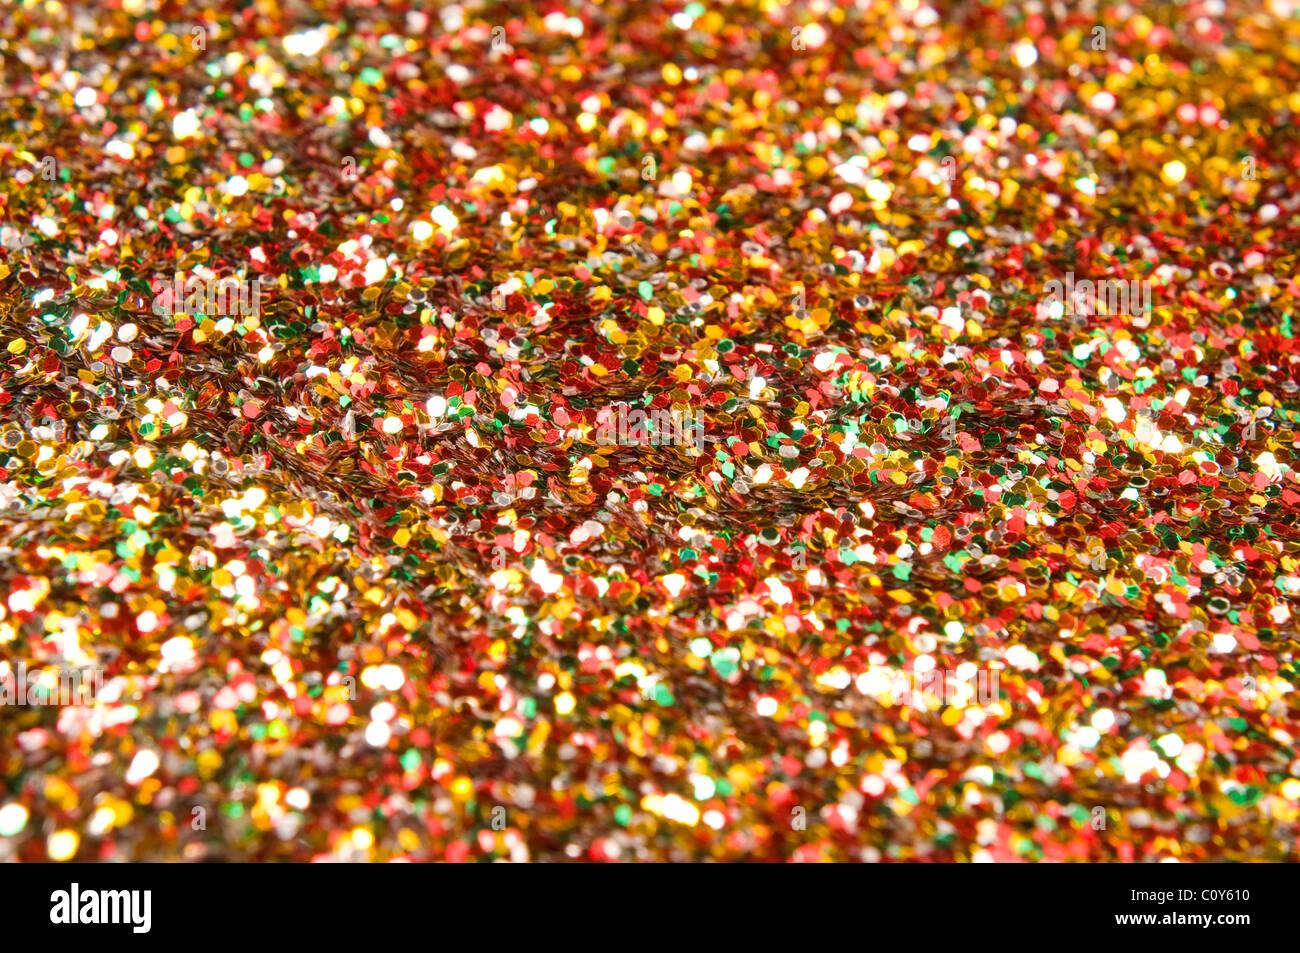 colorful confetti - Stock Image